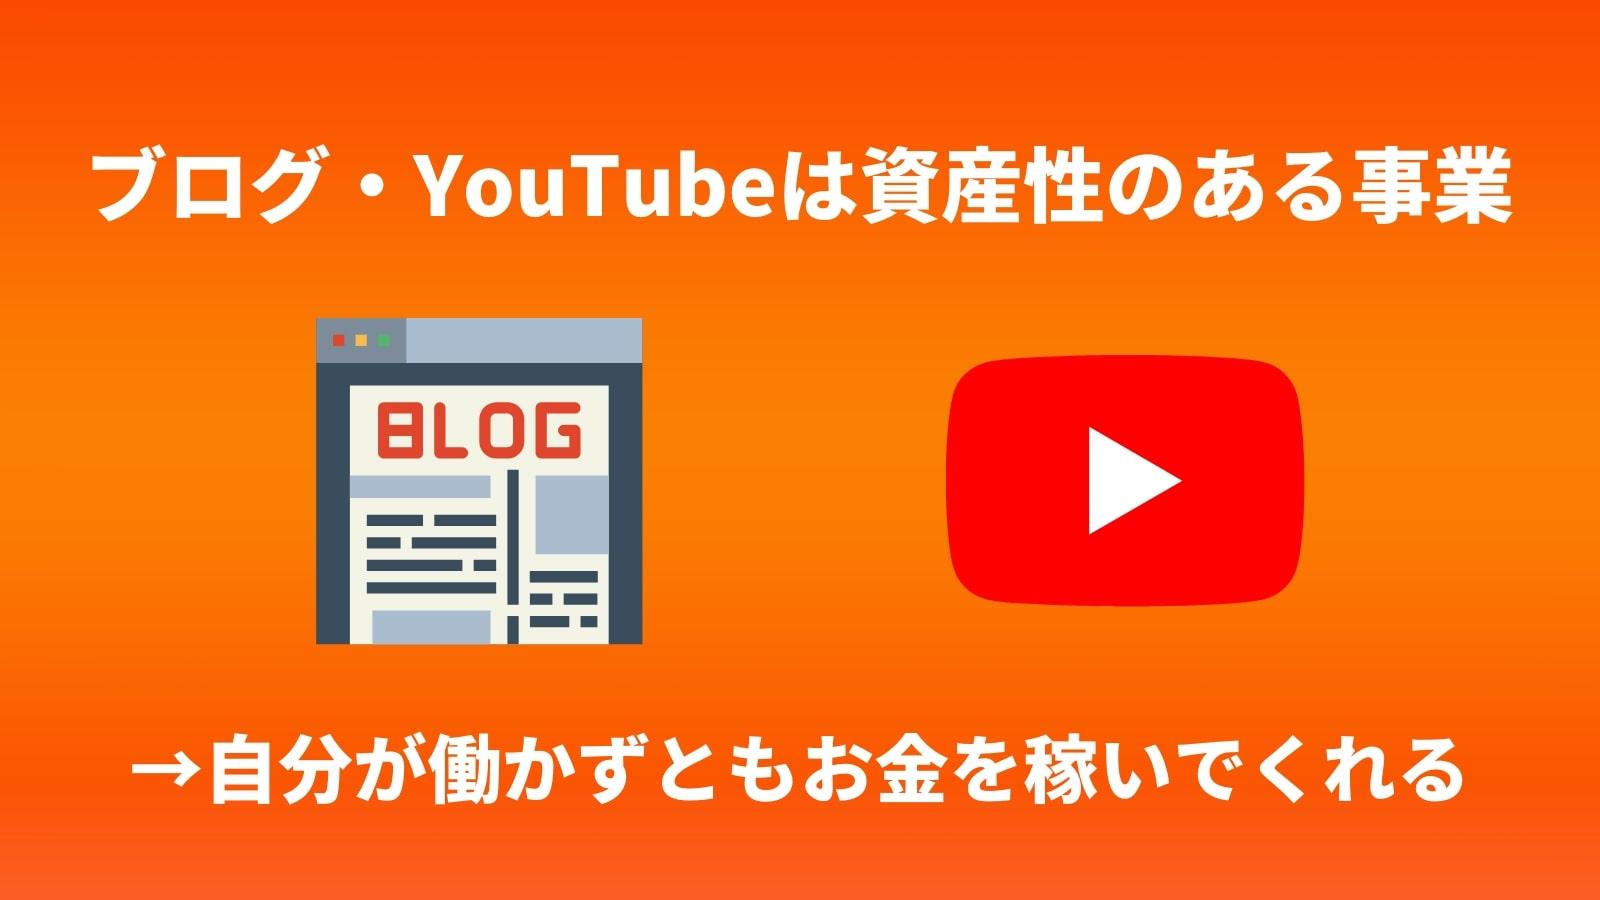 ブログ・YouTubeは資産性のある事業